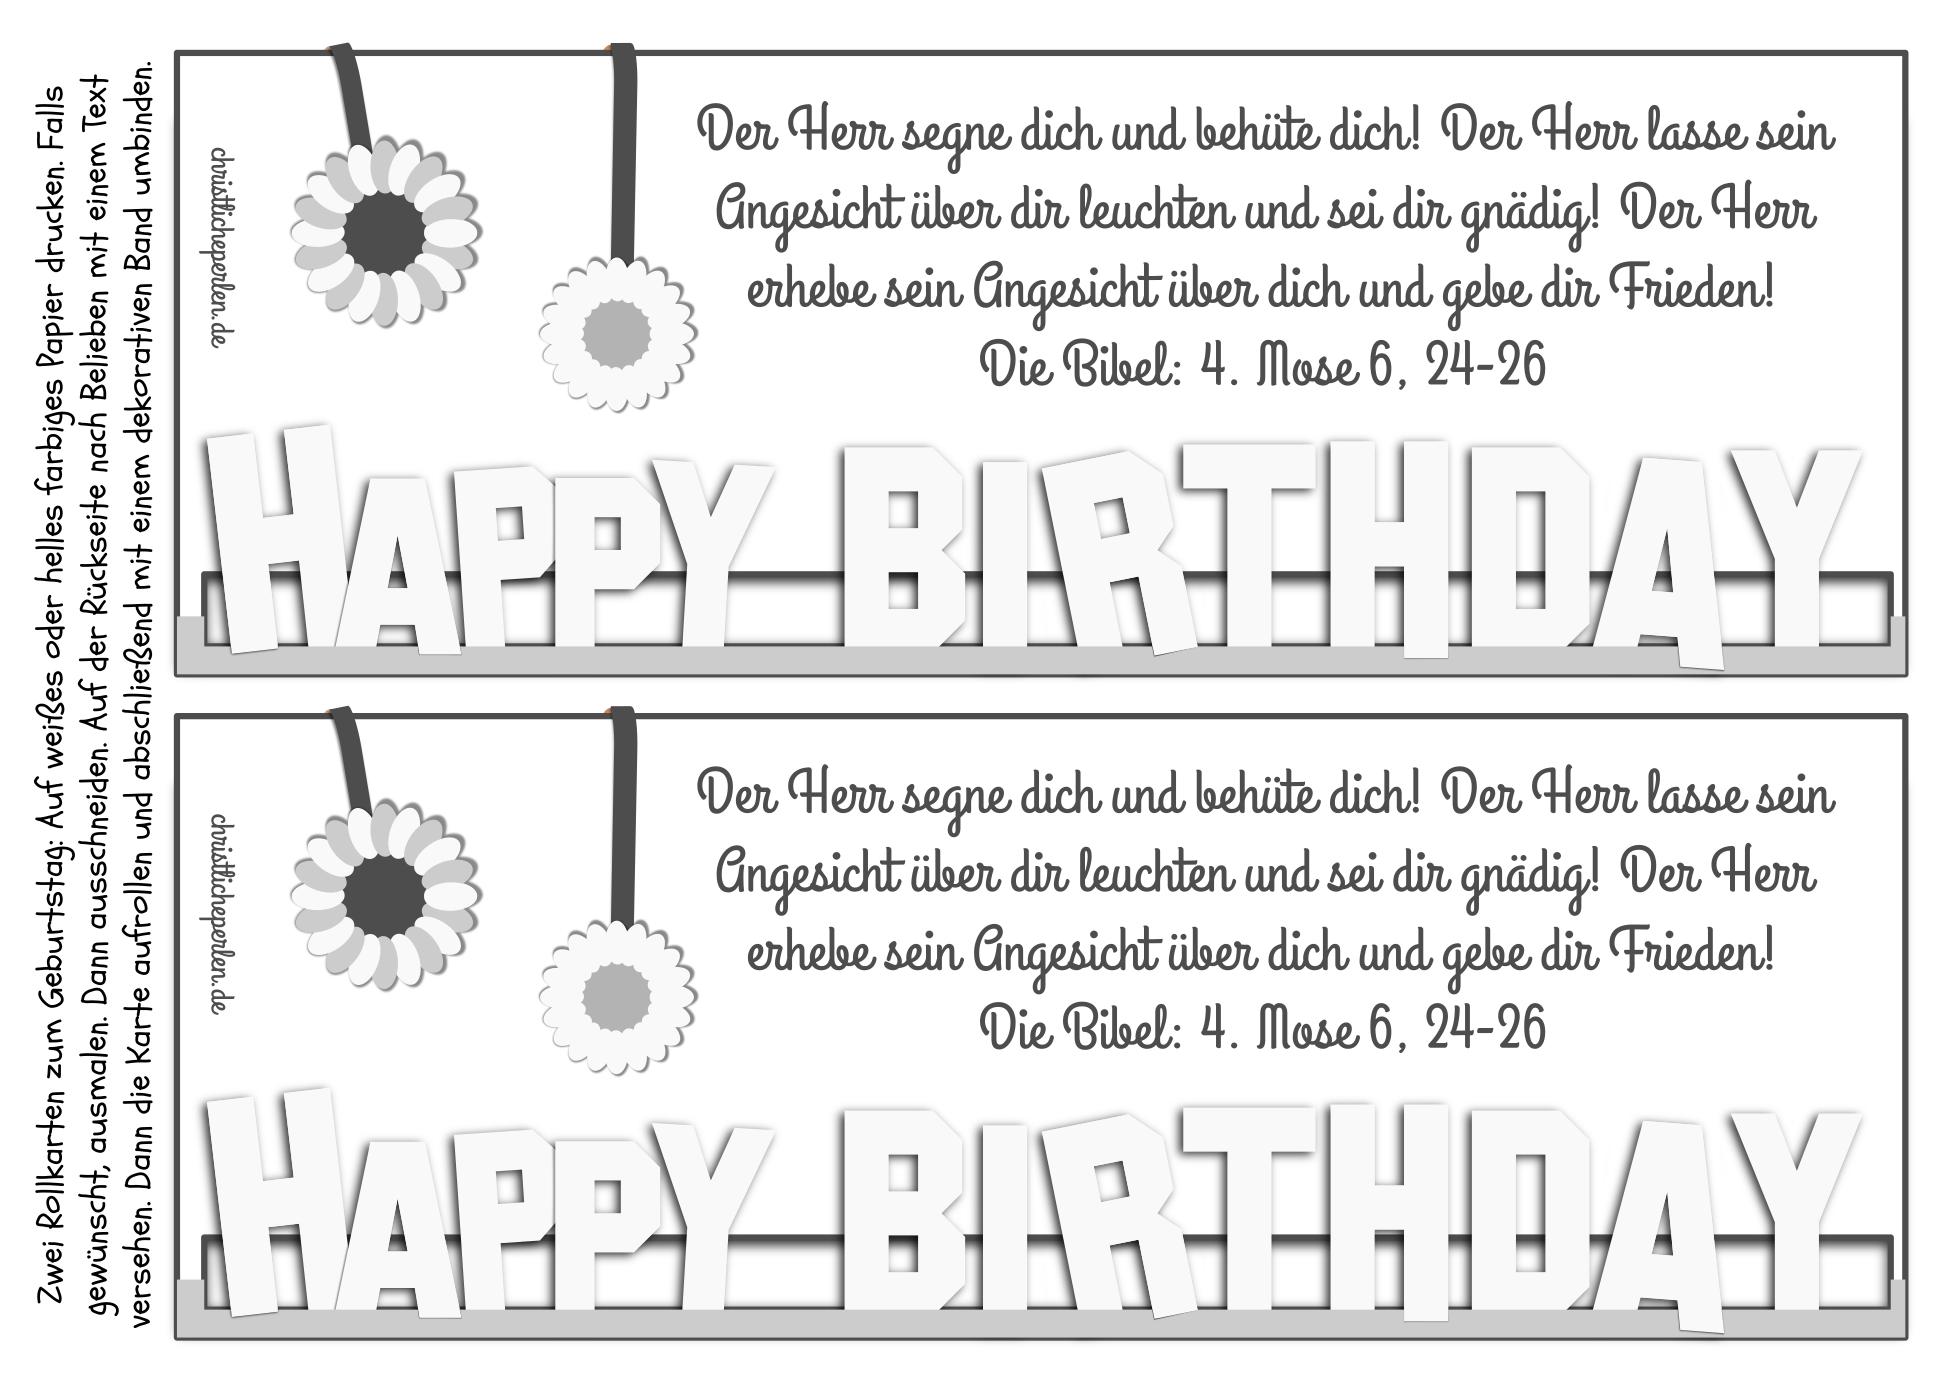 60 christliche geburtstag zum gedichte Christliche Geburtstagssprüche